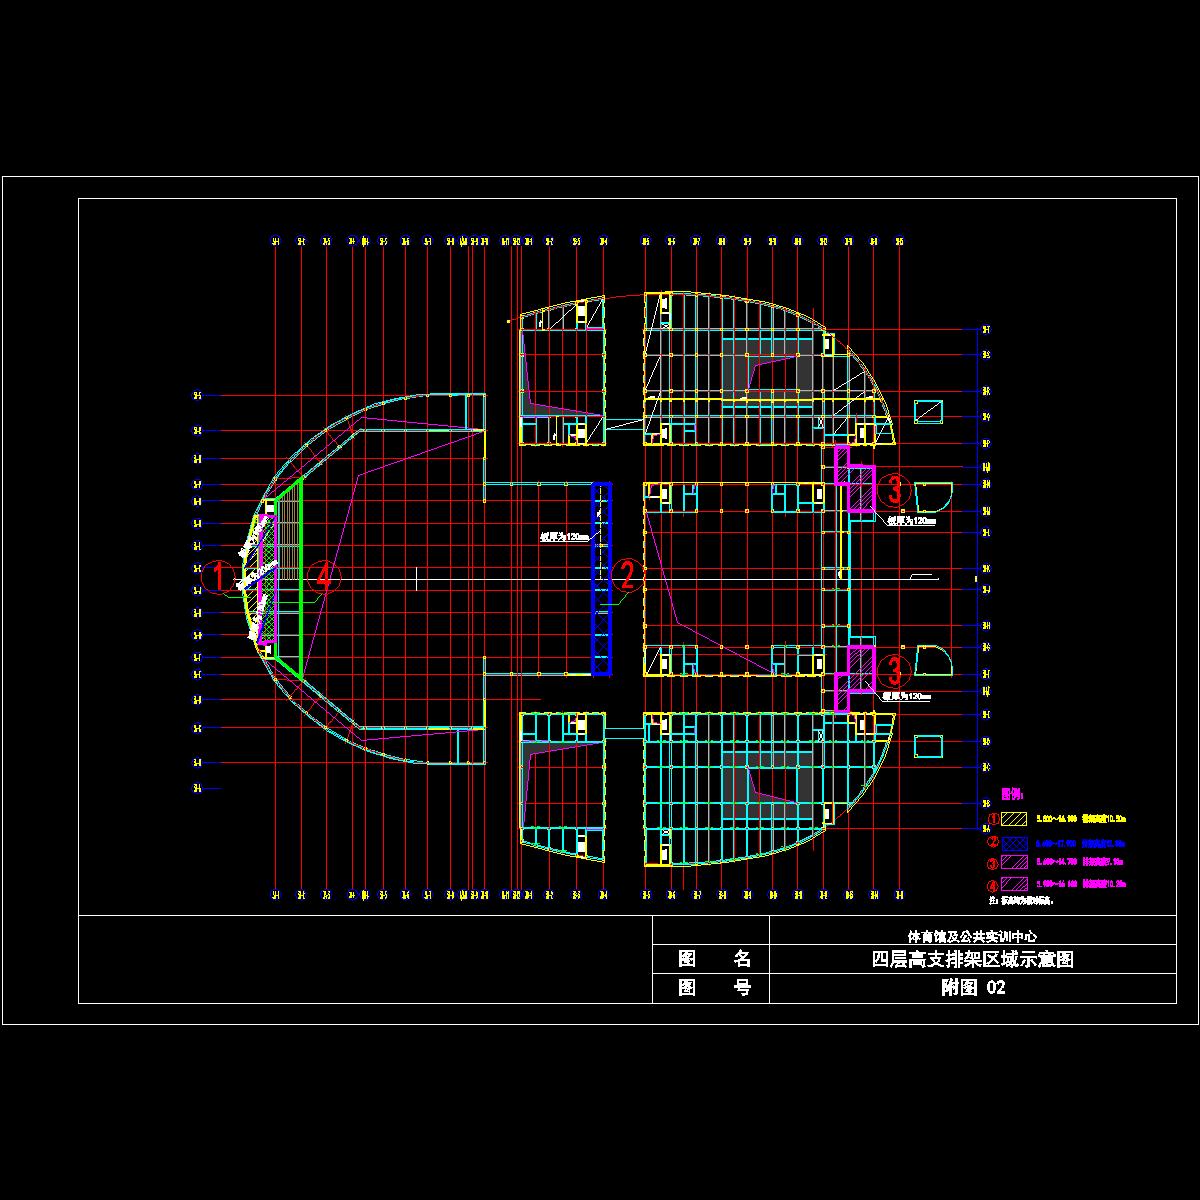 附图2 四层排架布置图02.dwg